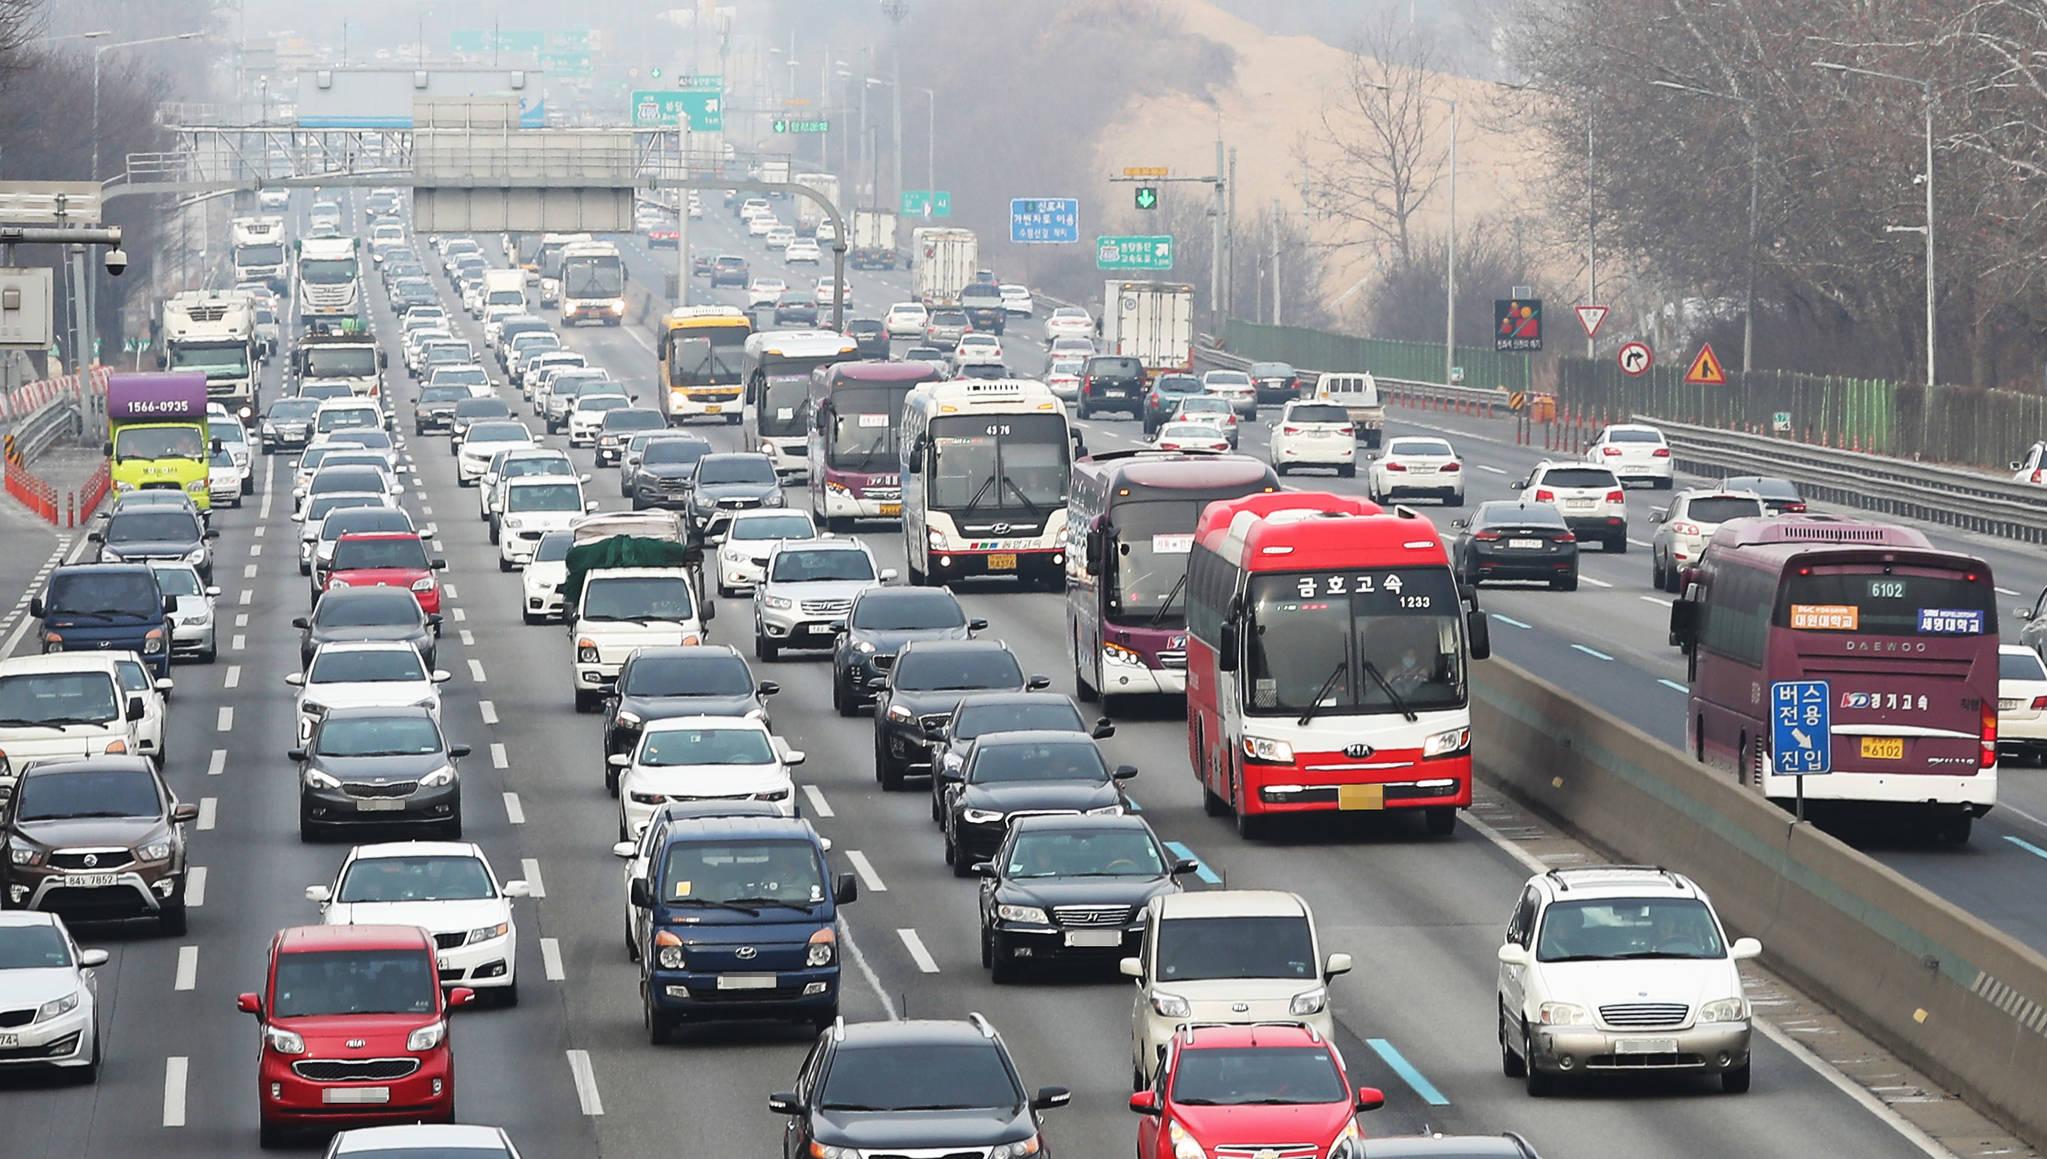 오랜 시간을 운전을 하는데다 정체도 심한 탓에 엔진이 과열될 가능성이 높다. [연합뉴스]